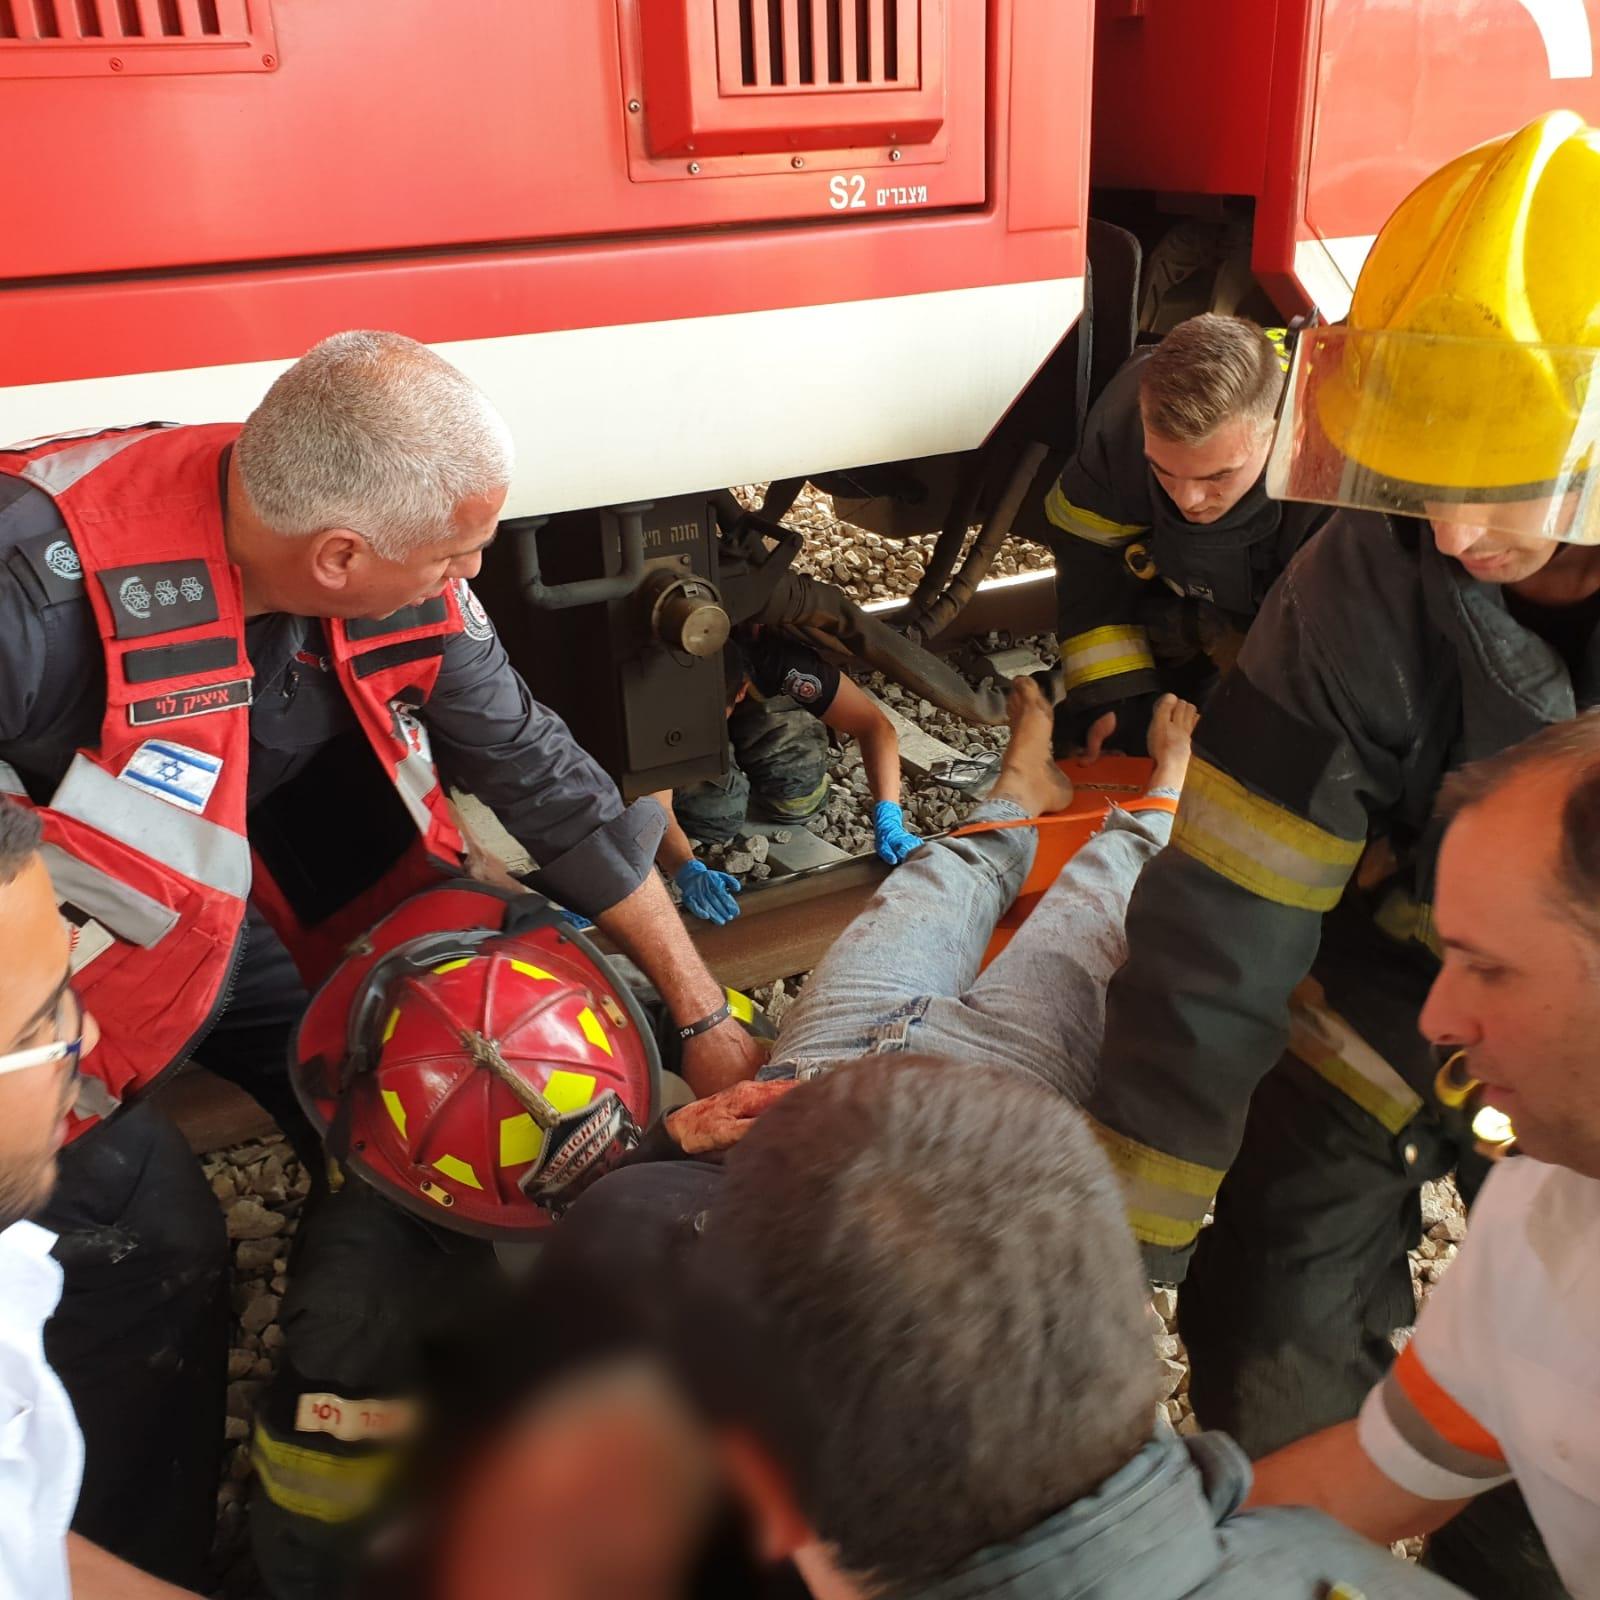 החילוץ הדרמטי של האישה מתחת לגלגלי הרכבת. צילום: דוברות כיבוי מרכז